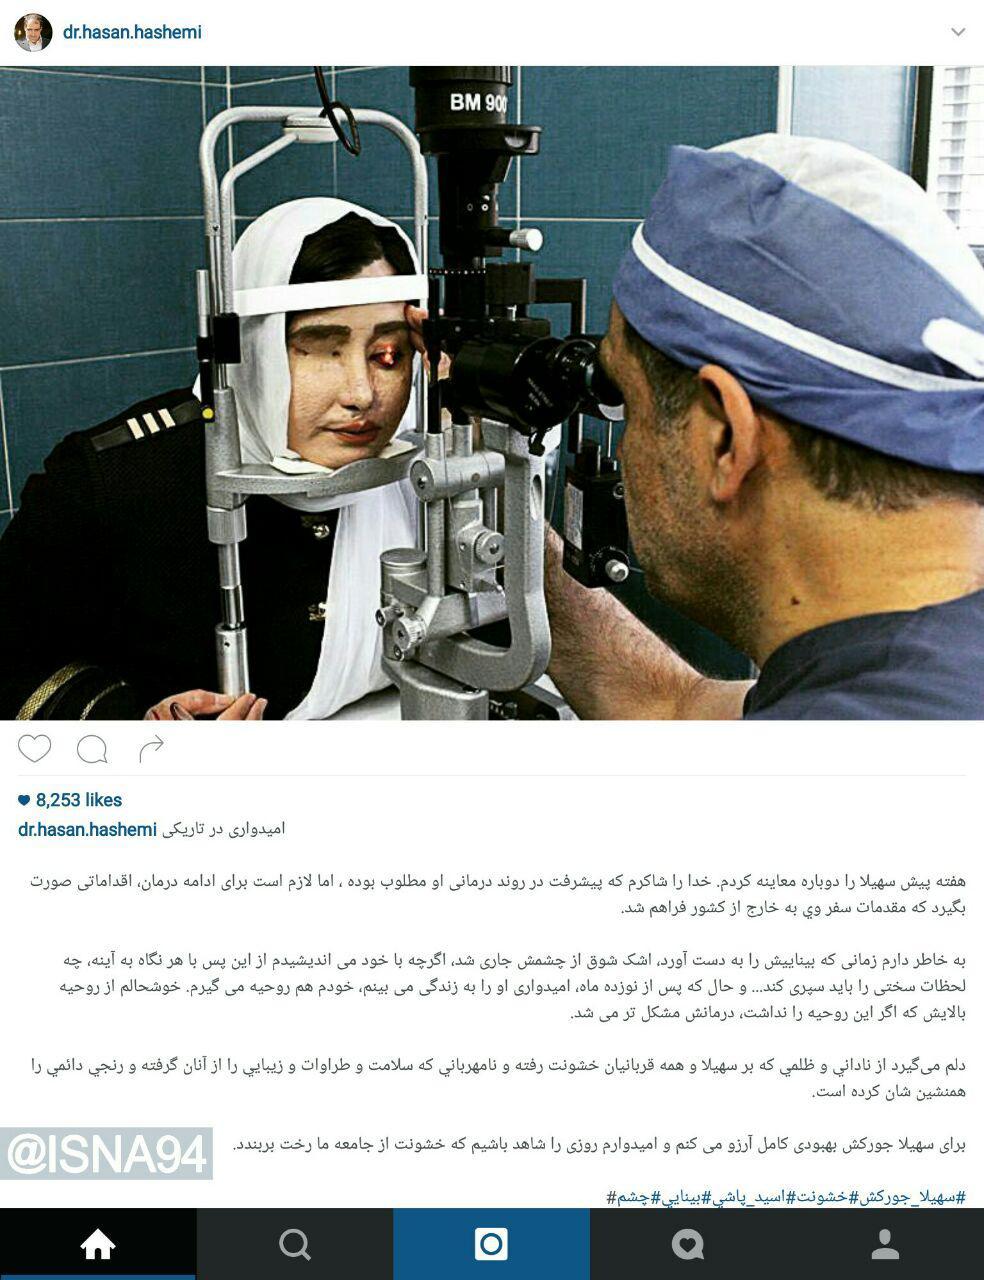 تصویر واضح از الت تصویر/ پست اینستاگرامی وزیربهداشت درباره یکی از قربانیان ...